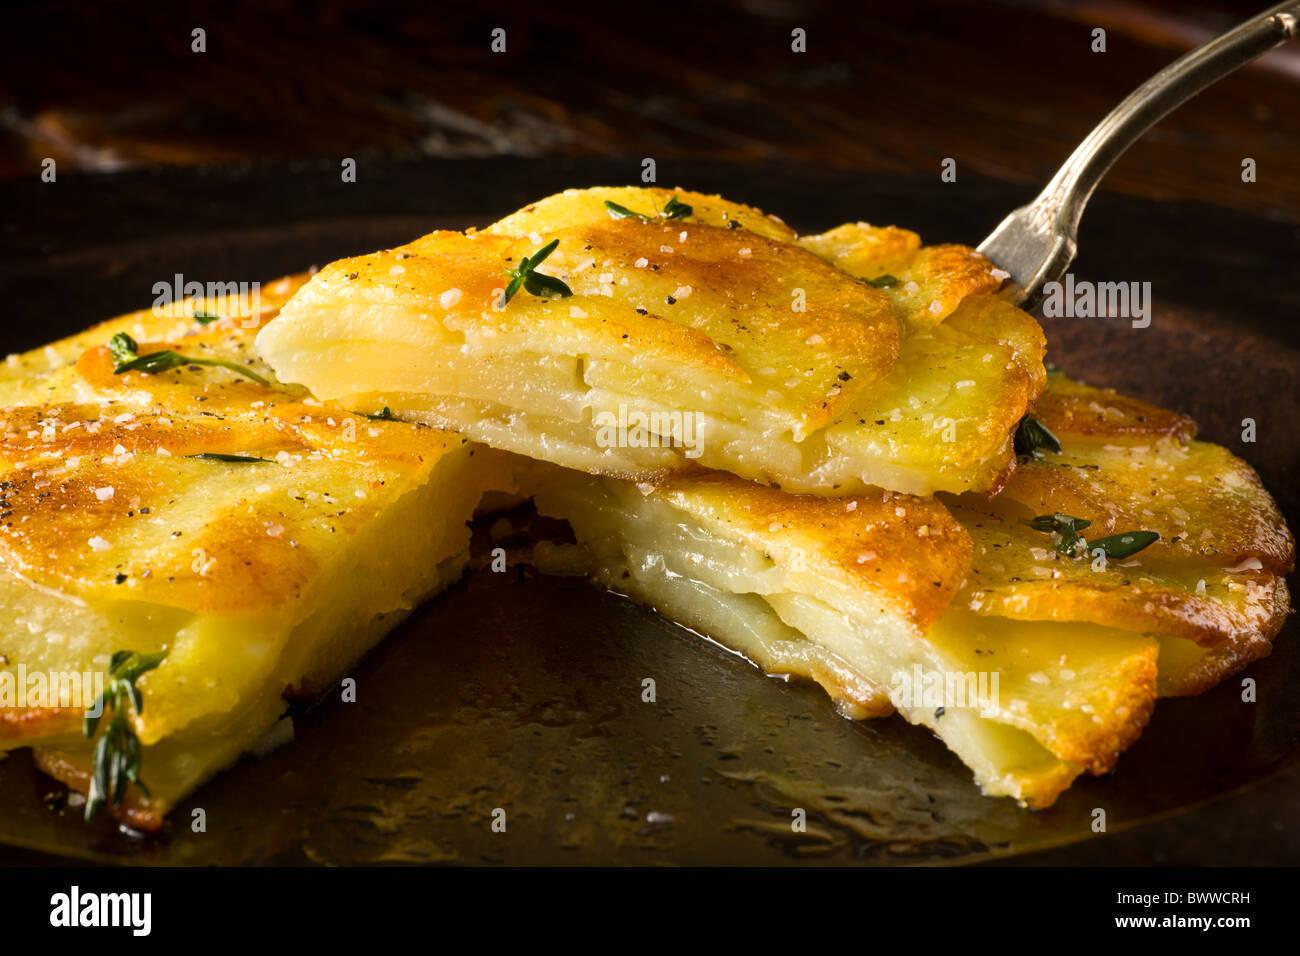 Galette di patate o di Anna guarnito con timo fresco, il sale e il pepe e servite su un piatto rustico. Foto Stock